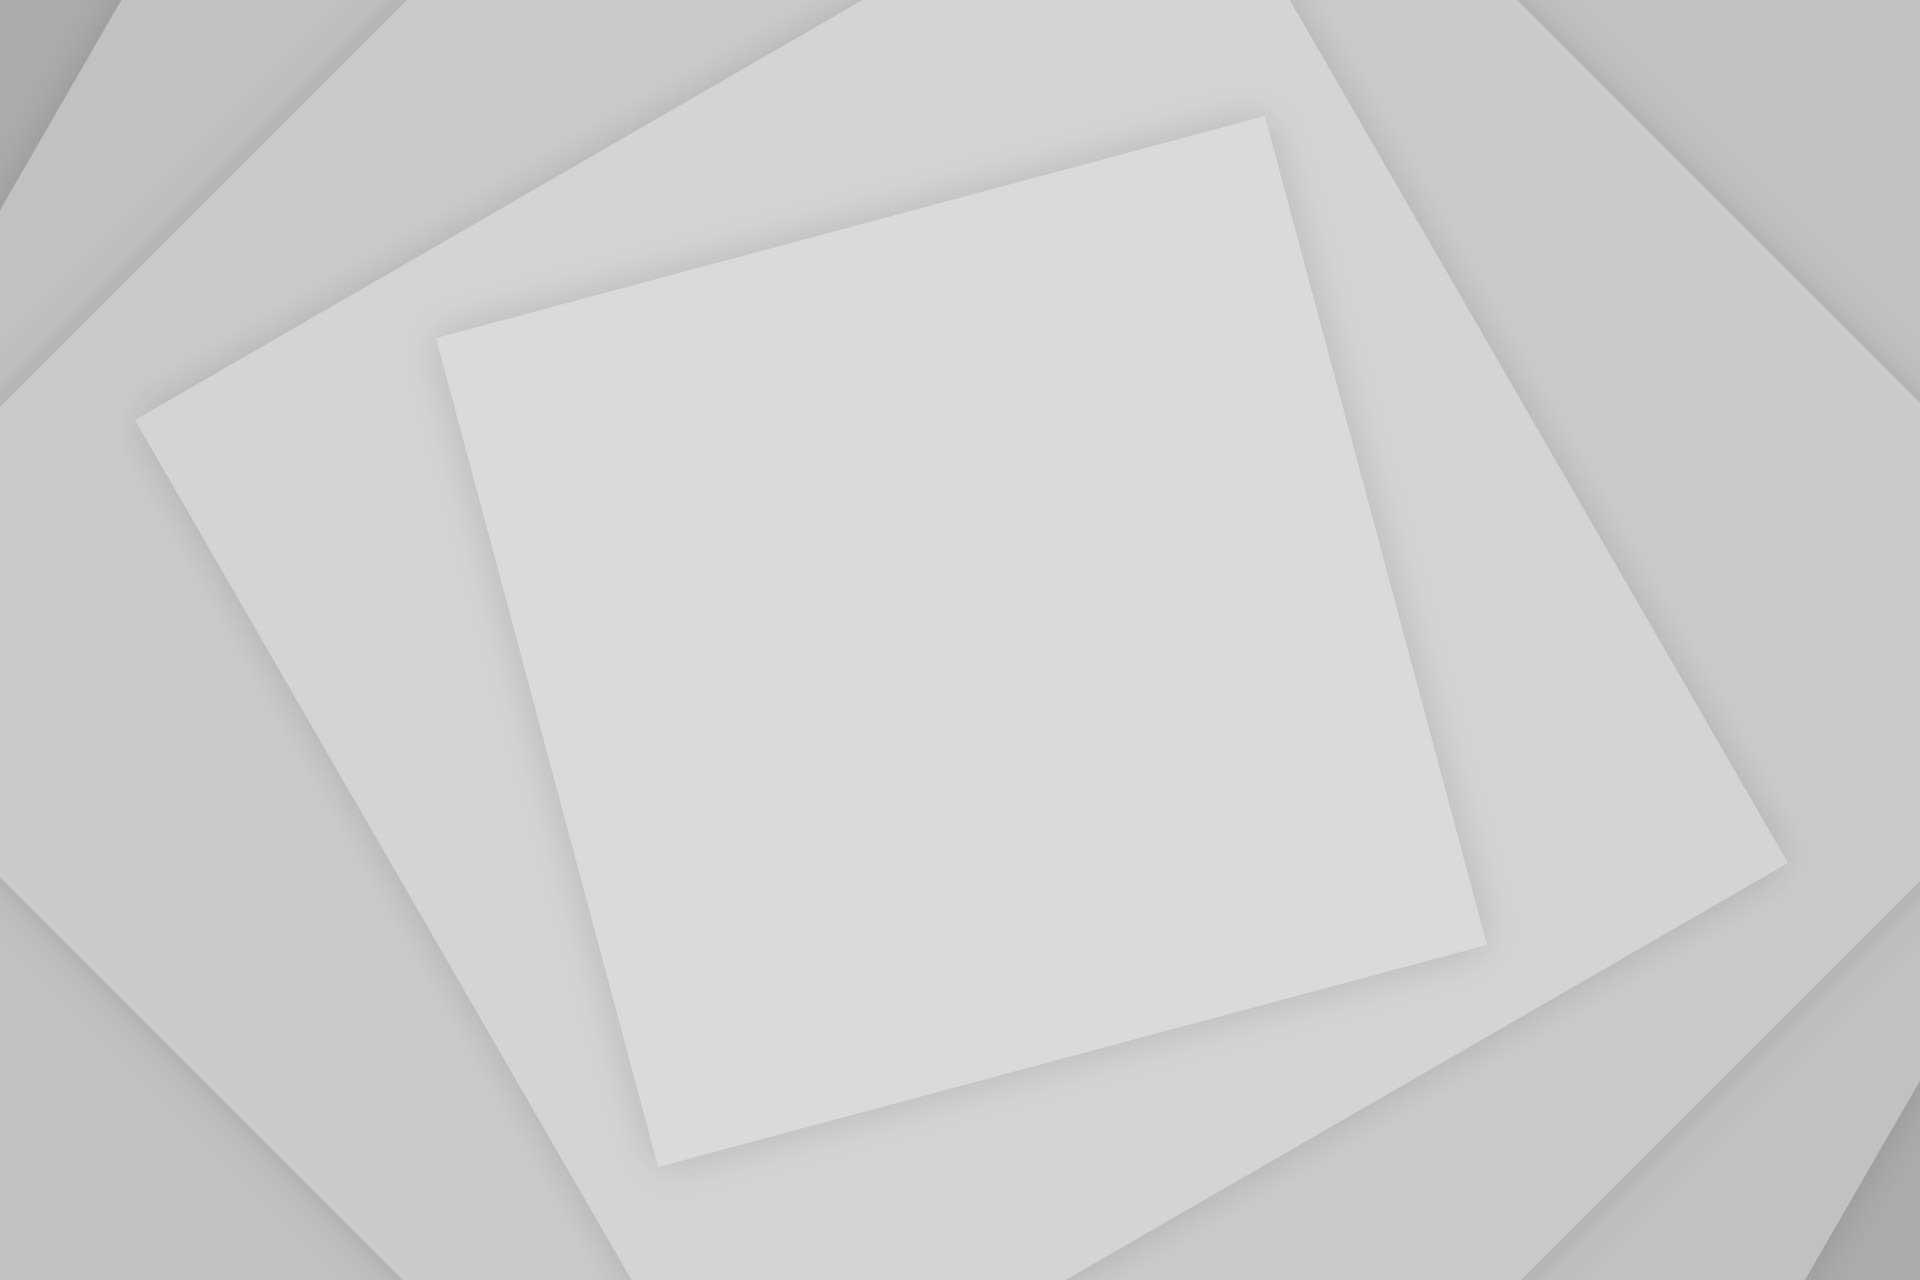 Наказ МОЗ України від 27.03.2018 №553 «Про державну реєстрацію (перереєстрацію) лікарських засобів (медичних імунобіологічних препаратів) та внесення змін до реєстраційних матеріалів»